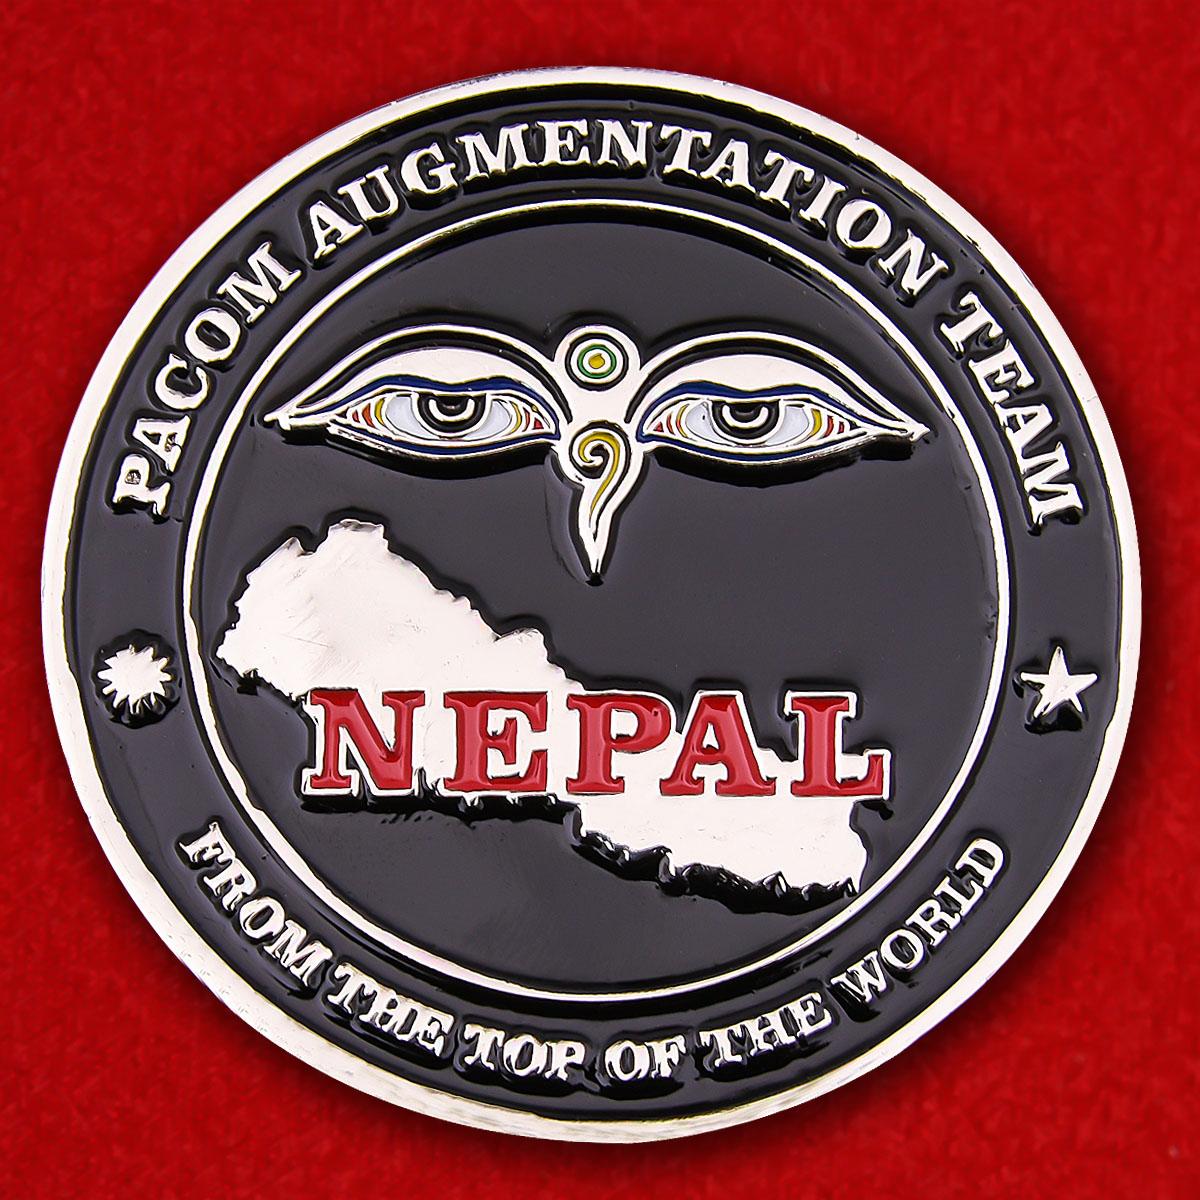 Челлендж коин резерных частей усиления Тихоокеанского командования ВС США при посольстве в Непале